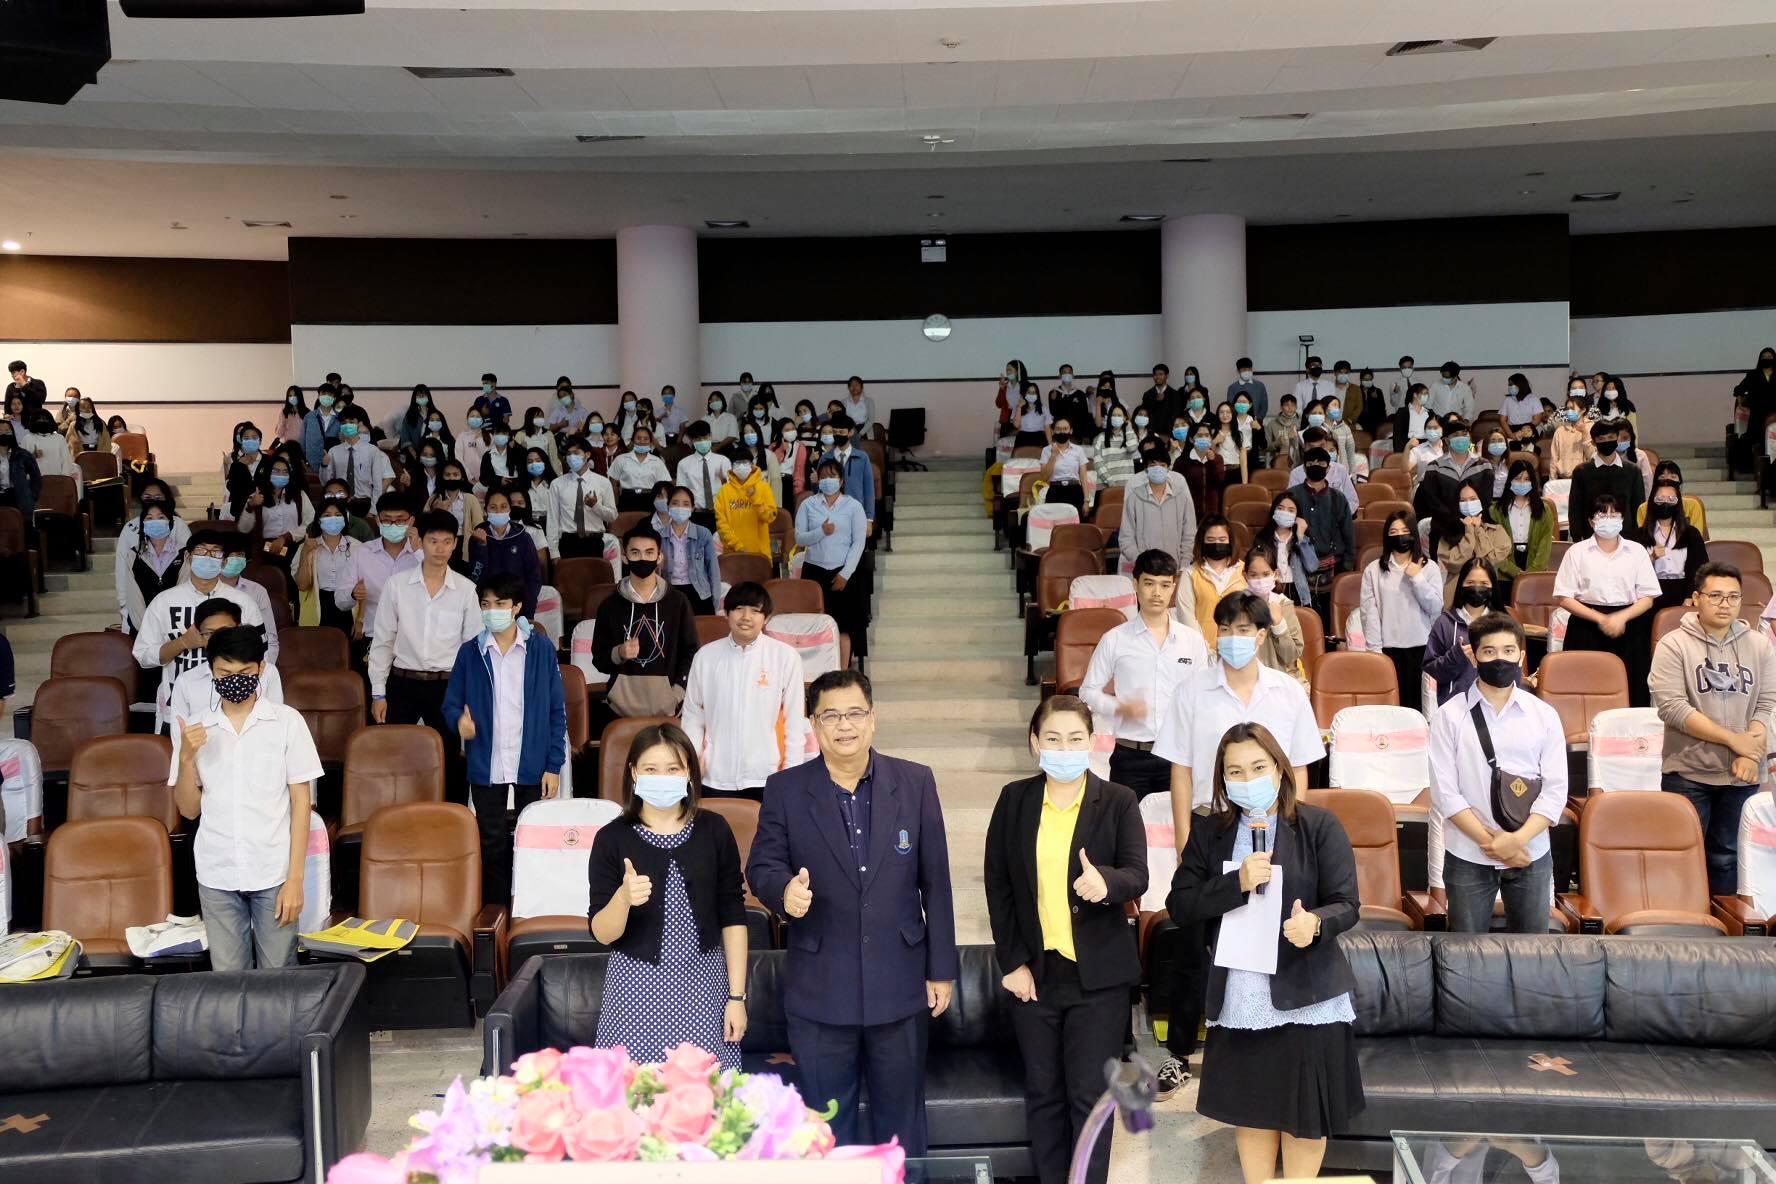 งานสหกิจศึกษา จัดโครงการปฐมนิเทศนิสิตสหกิจศึกษา รุ่นที่ 44 ภาคการศึกษาที่ 2 ประจำปีการศึกษา 2563